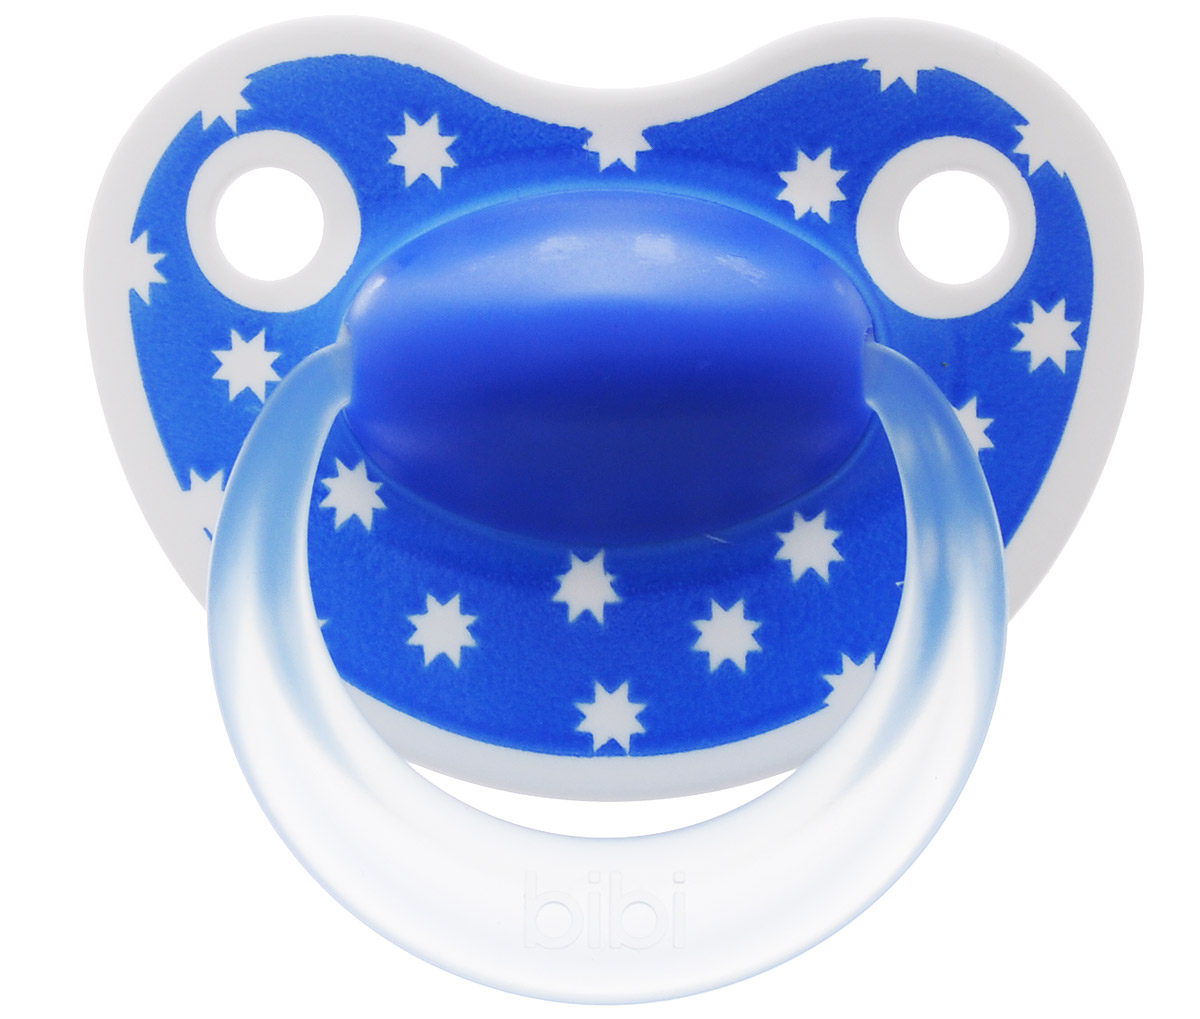 Bibi Пустышка силиконовая Happiness от 0 до 6 месяцев цвет синий